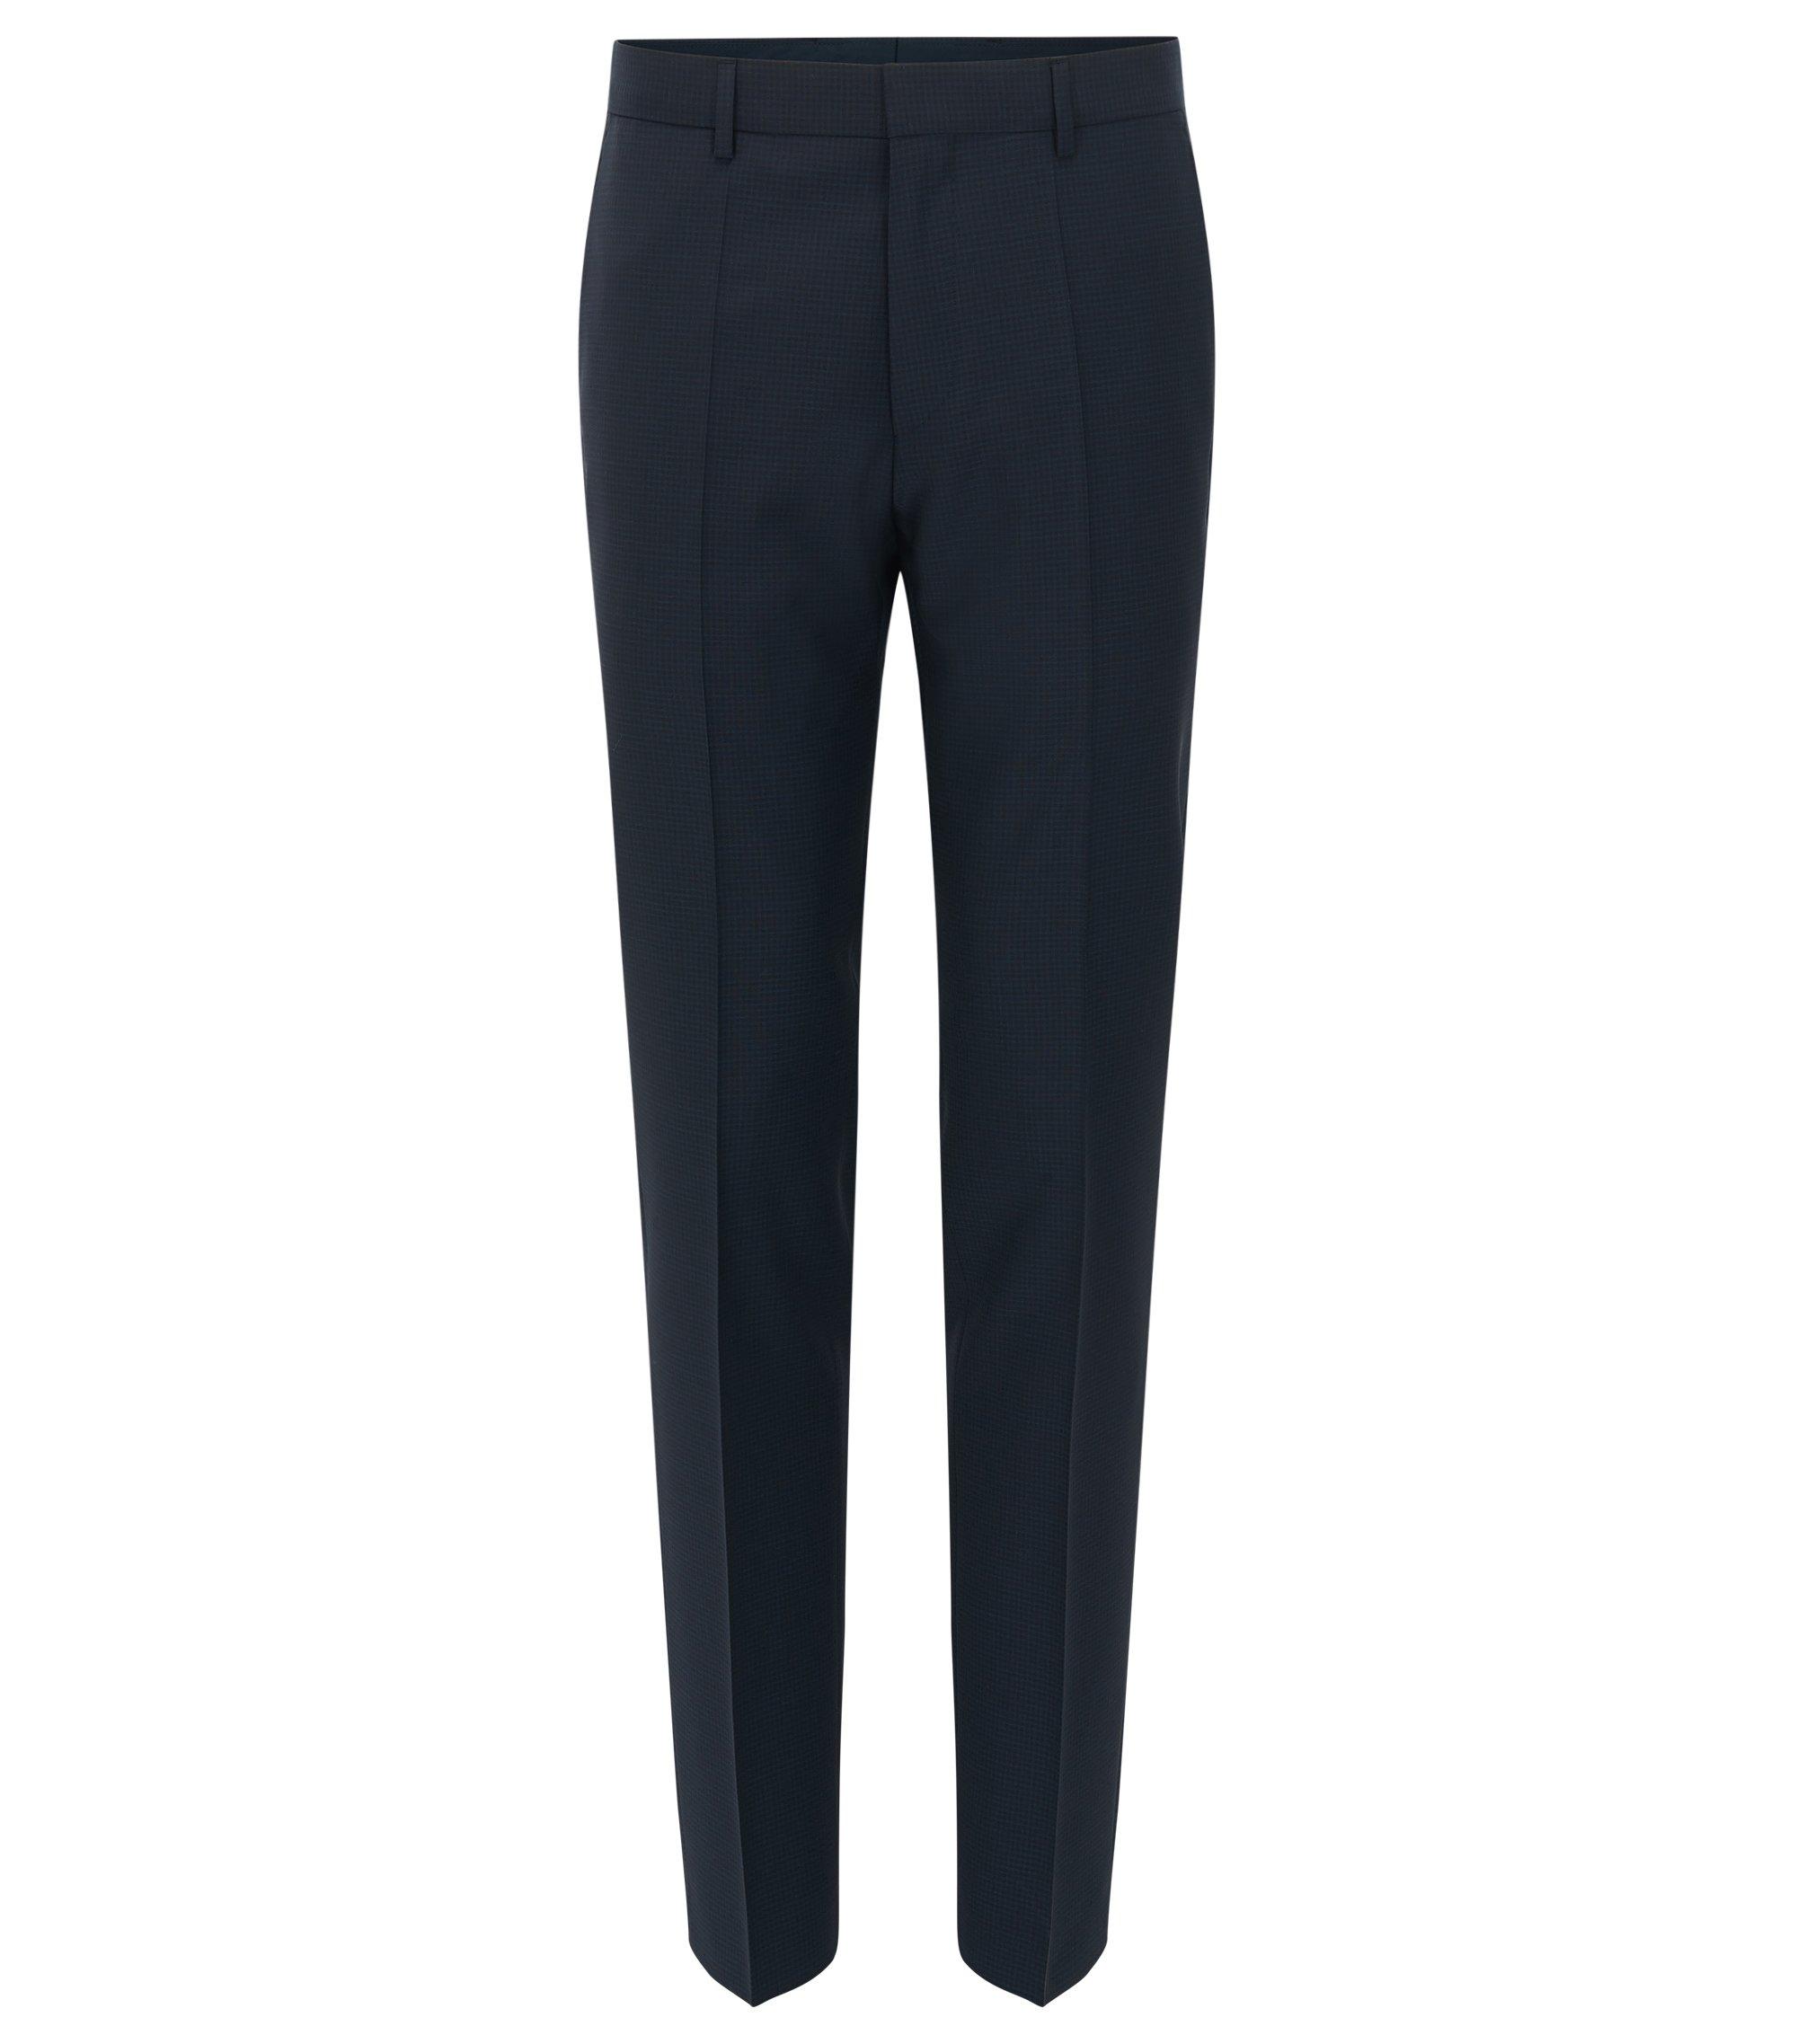 Pantaloni slim fit in lana vergine a quadri, Blu scuro